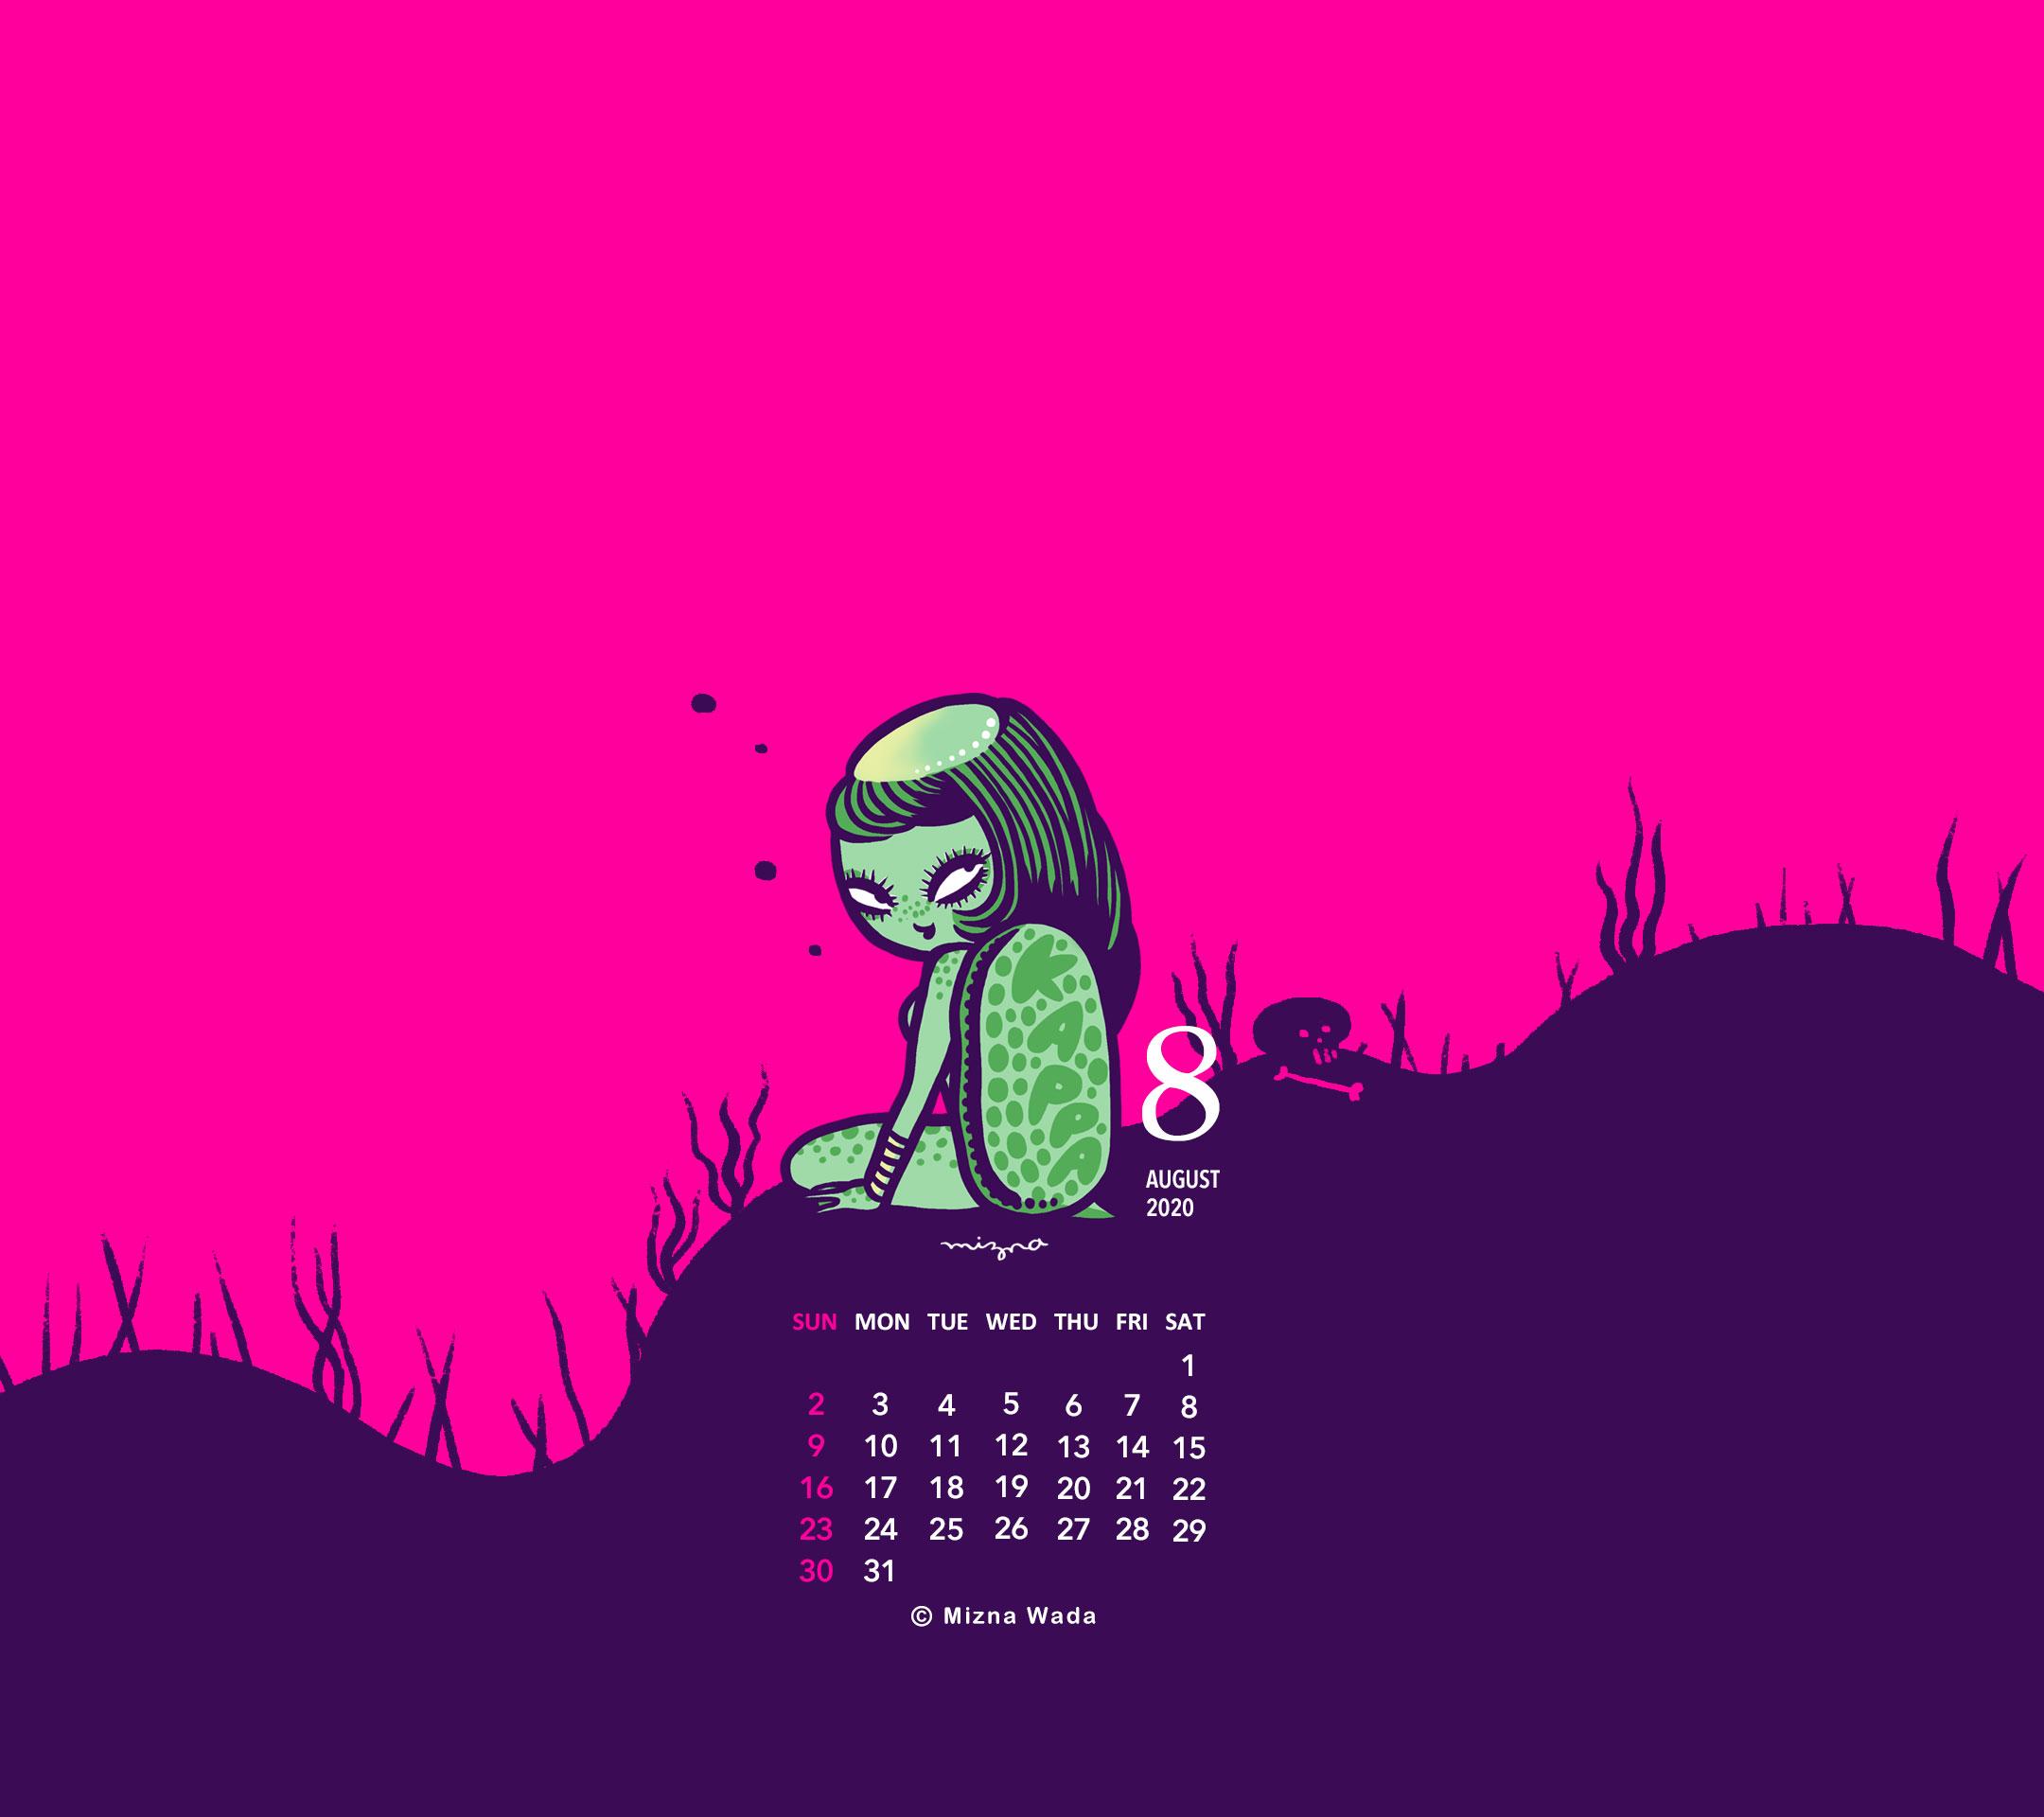 年8月のカレンダー付き壁紙 スマホ用 無料ダウンロード Mizna Diy